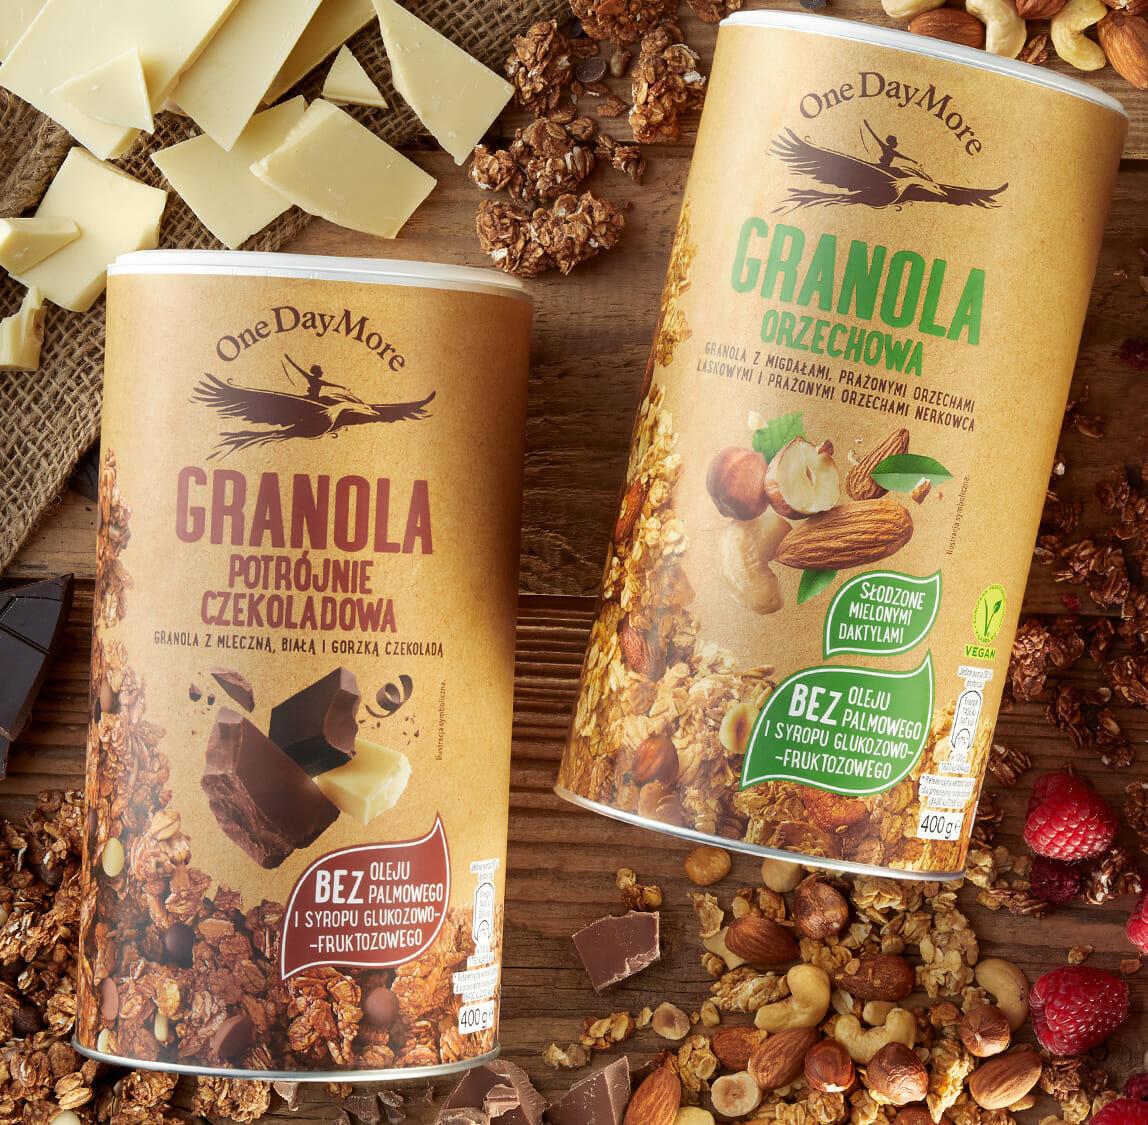 granola-orzechowa-onedaymore-dodatkowe